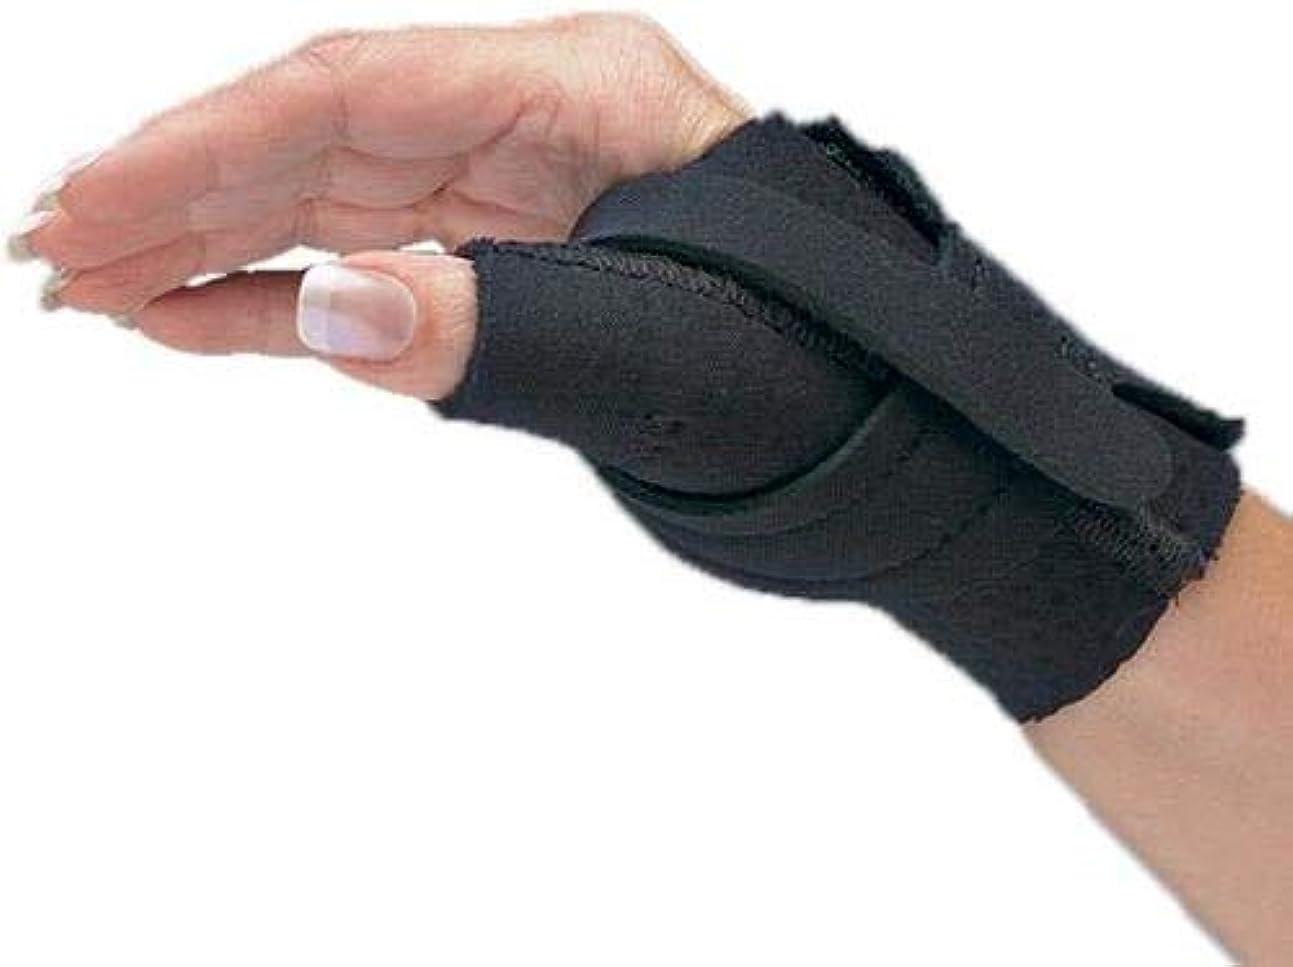 未来すべて国歌快適なクールな親指制限スプリントは、親指の関節を直接サポートすると同時に、指全体の機能を許可します。右手